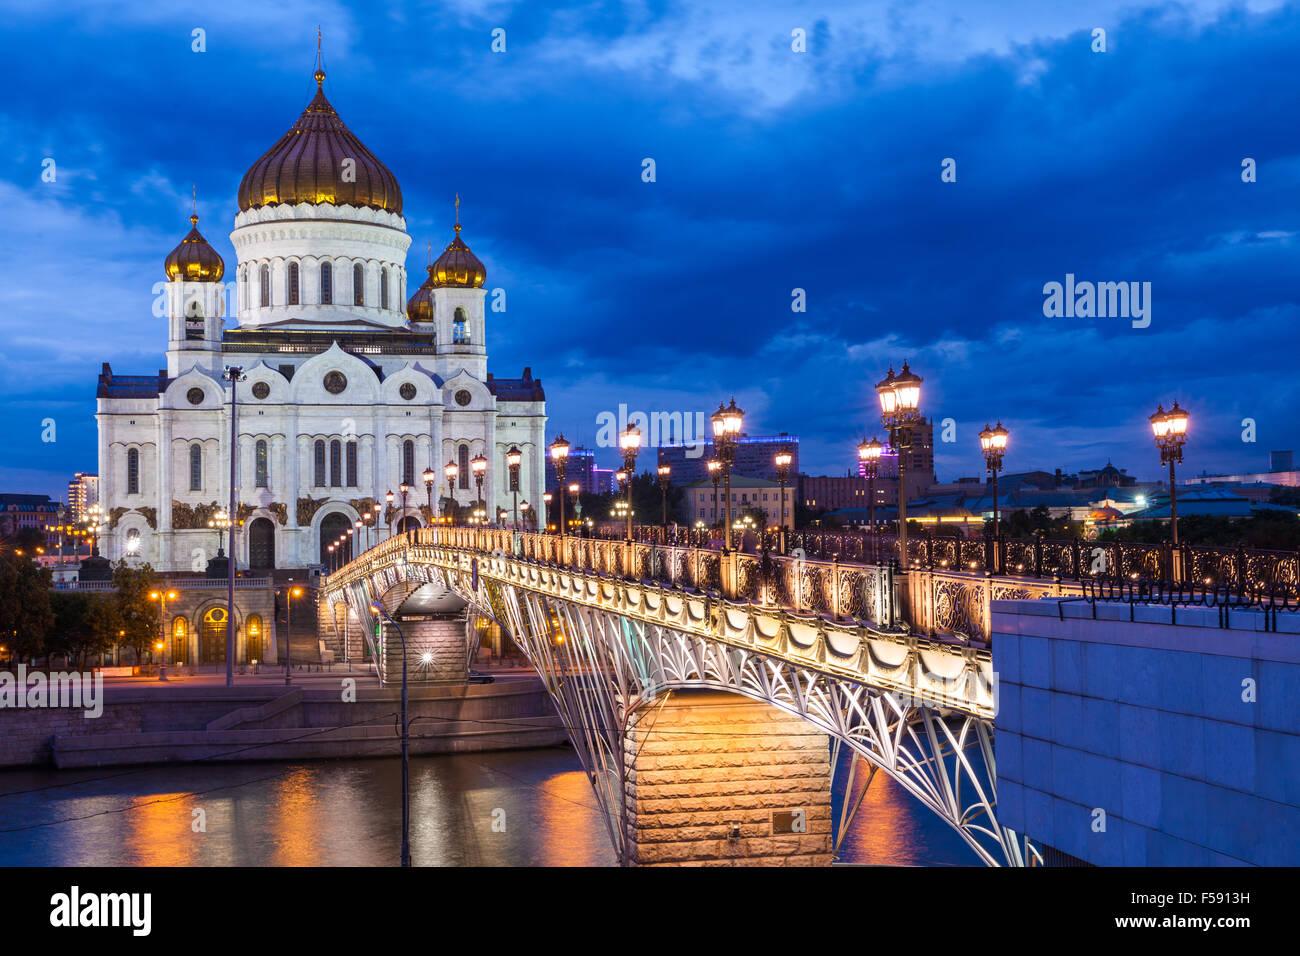 Cathédrale de Christ le Sauveur, Moscou, Russie. Photo Stock